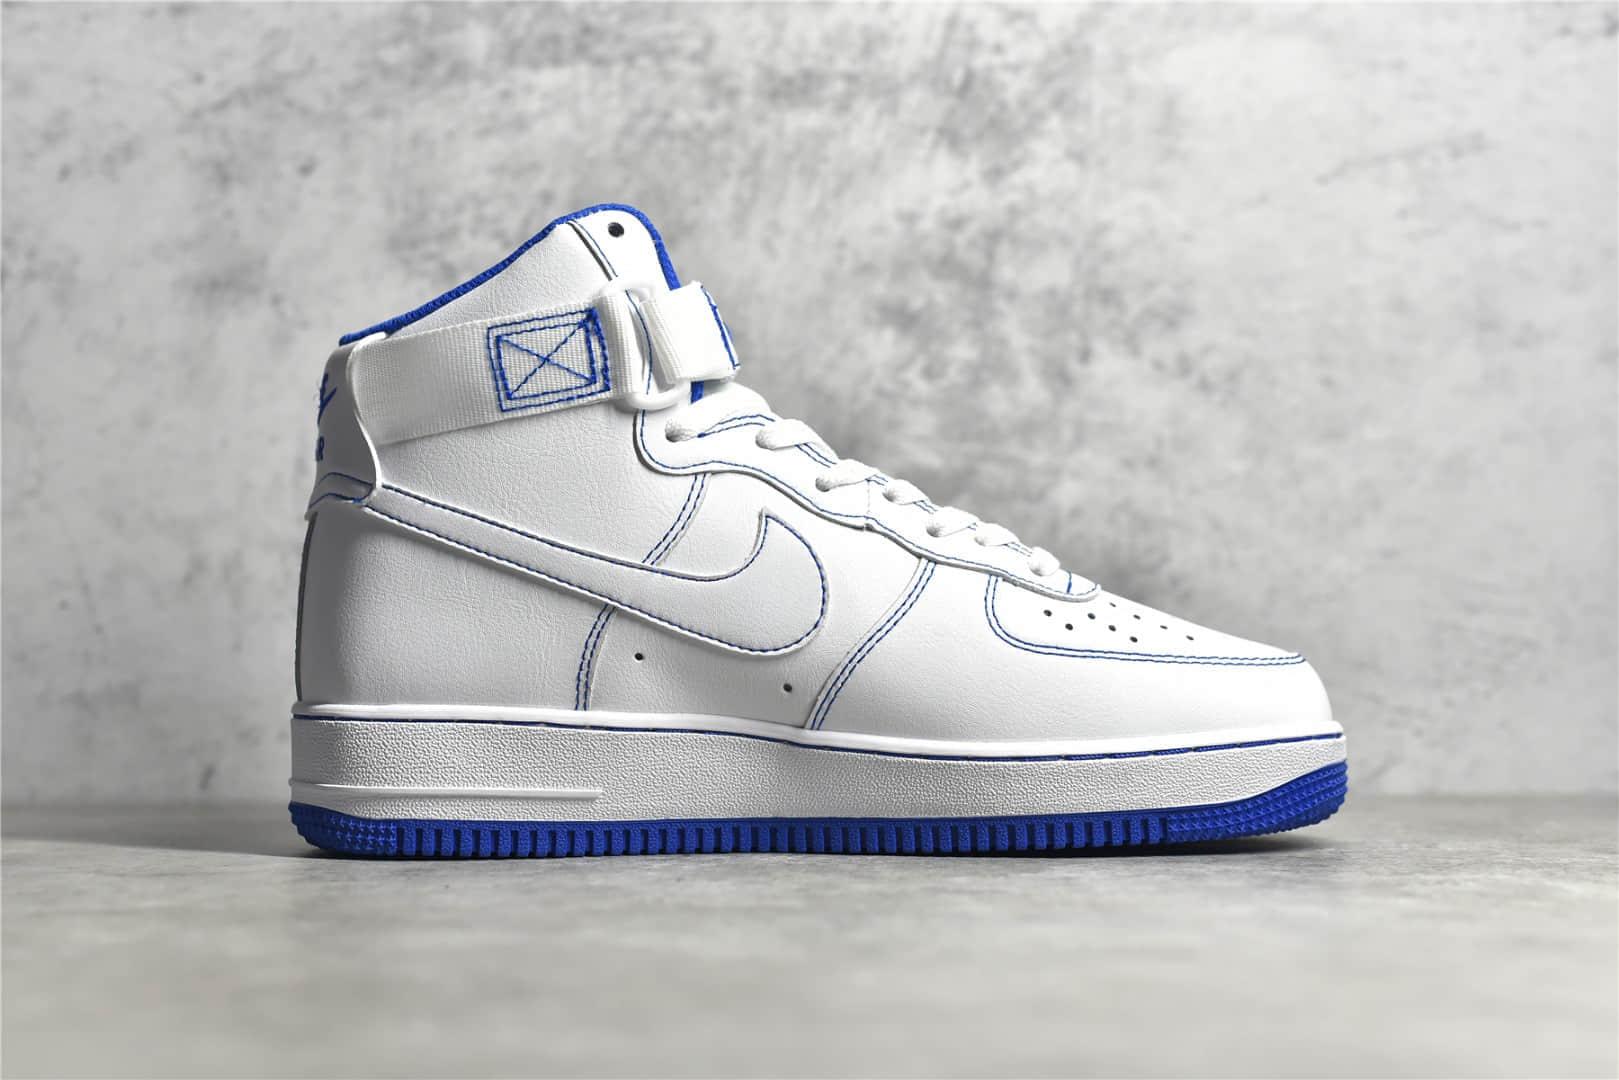 耐克空军白蓝高帮 Nike Air Force 1 High '07 耐克空军经典高帮板鞋 耐克空军纯原版本 货号:CV1753-101-潮流者之家